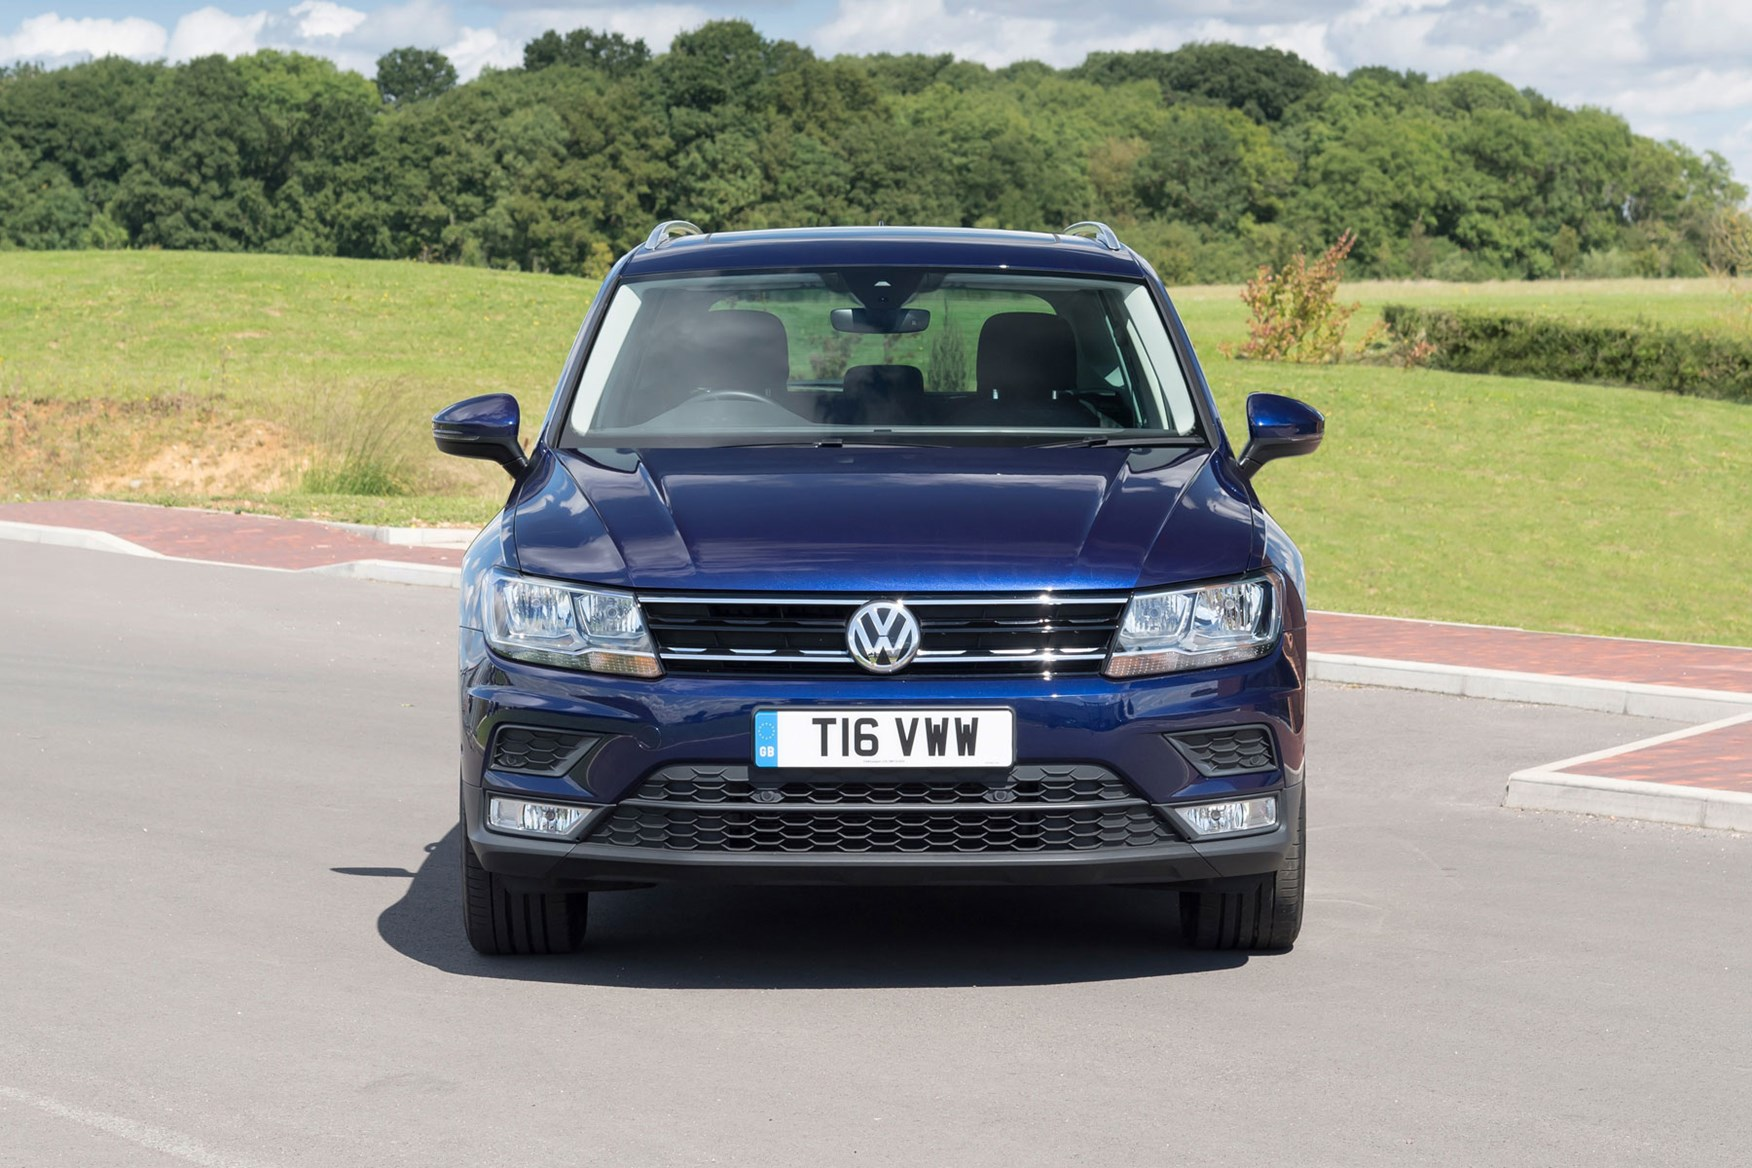 Volkswagen Tiguan (2019) MPG, Running Costs, Economy & CO2